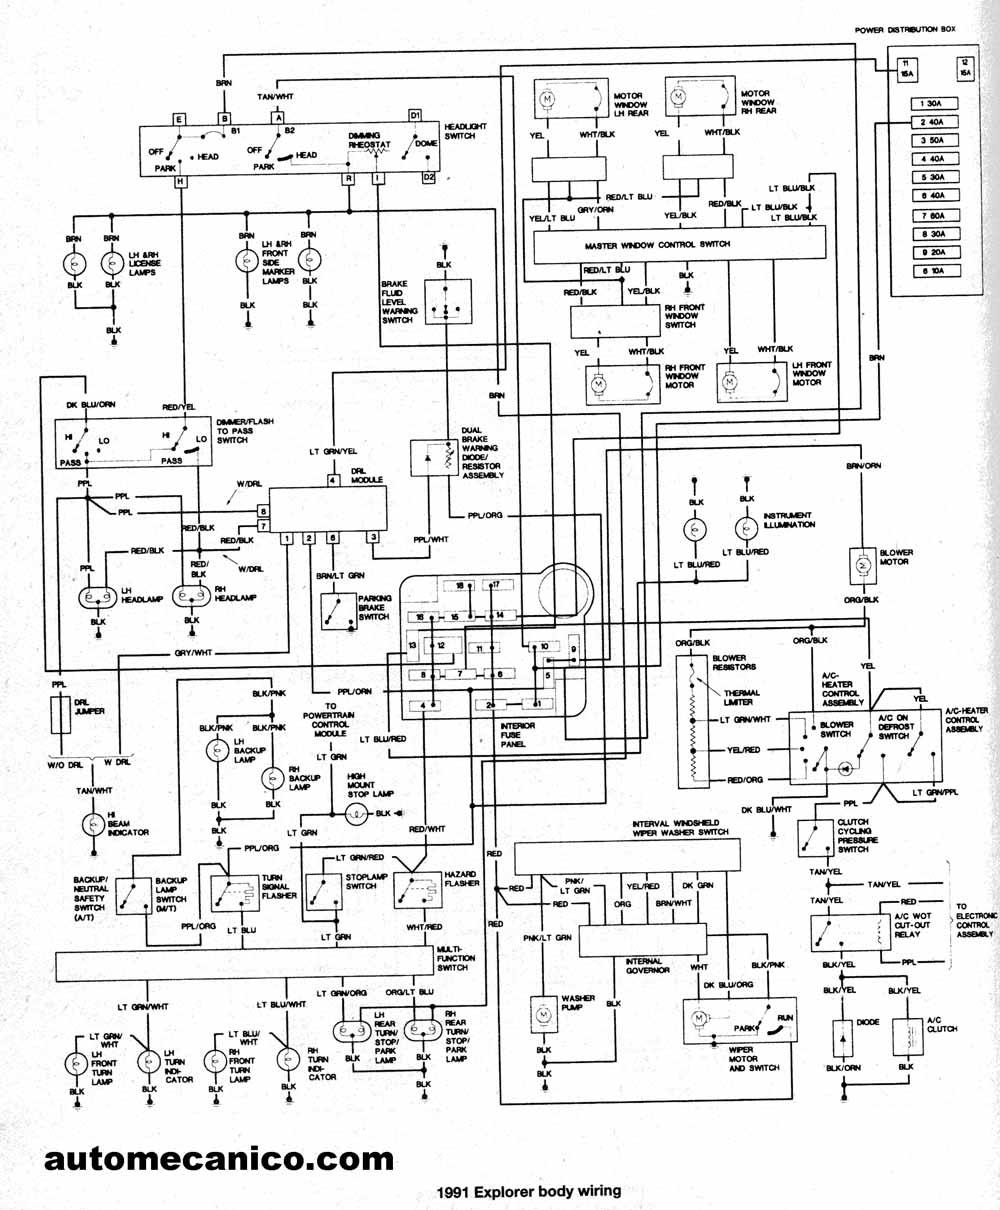 1992 Diagrama del motor